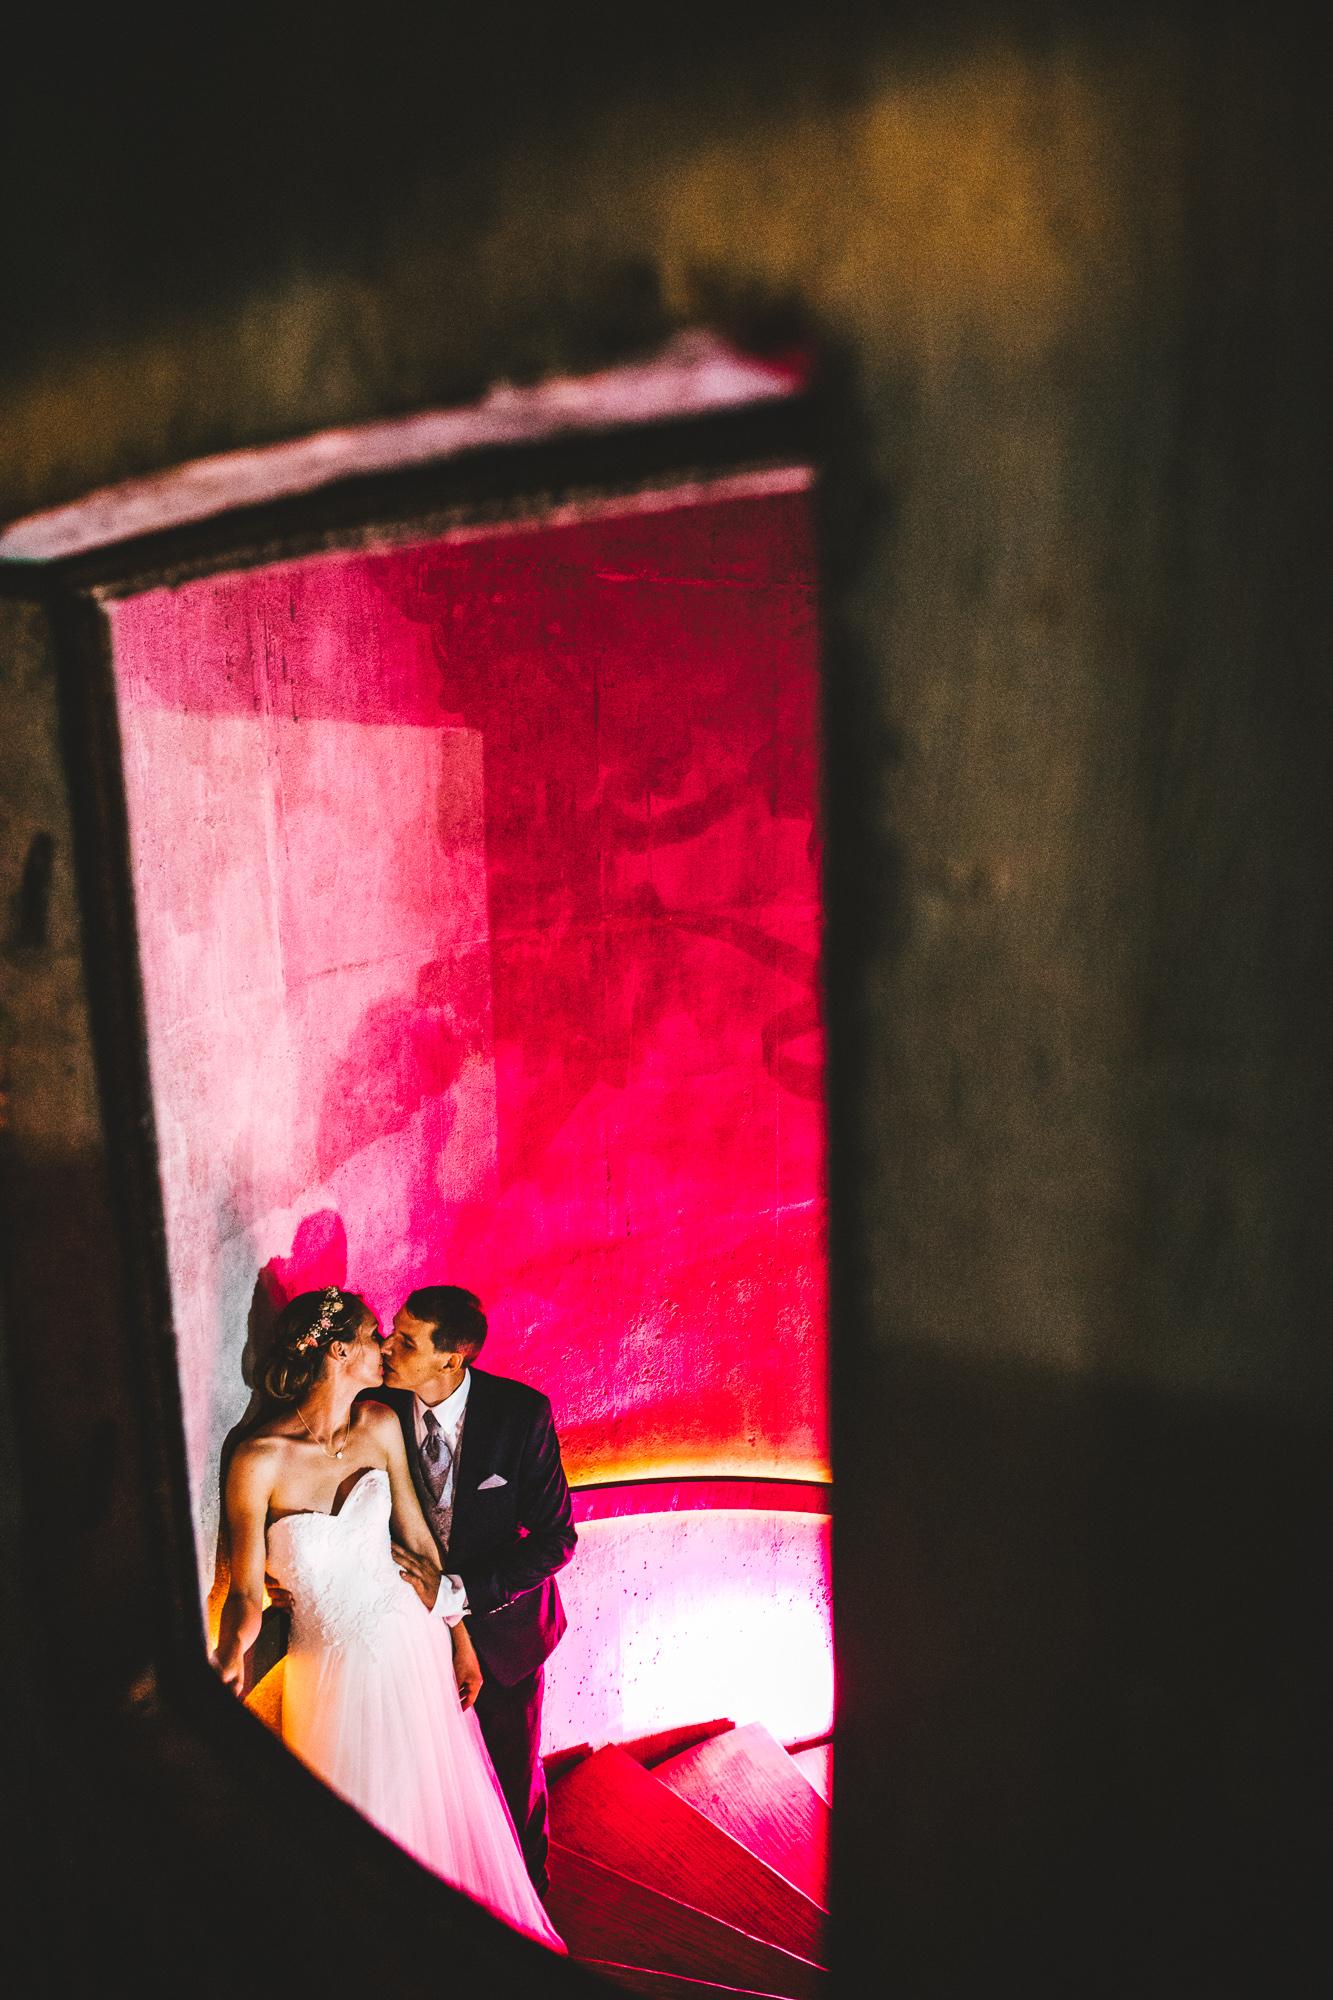 annethomas 563 - Hochzeit im wunderschönen Ladenburg in Eichenstolz